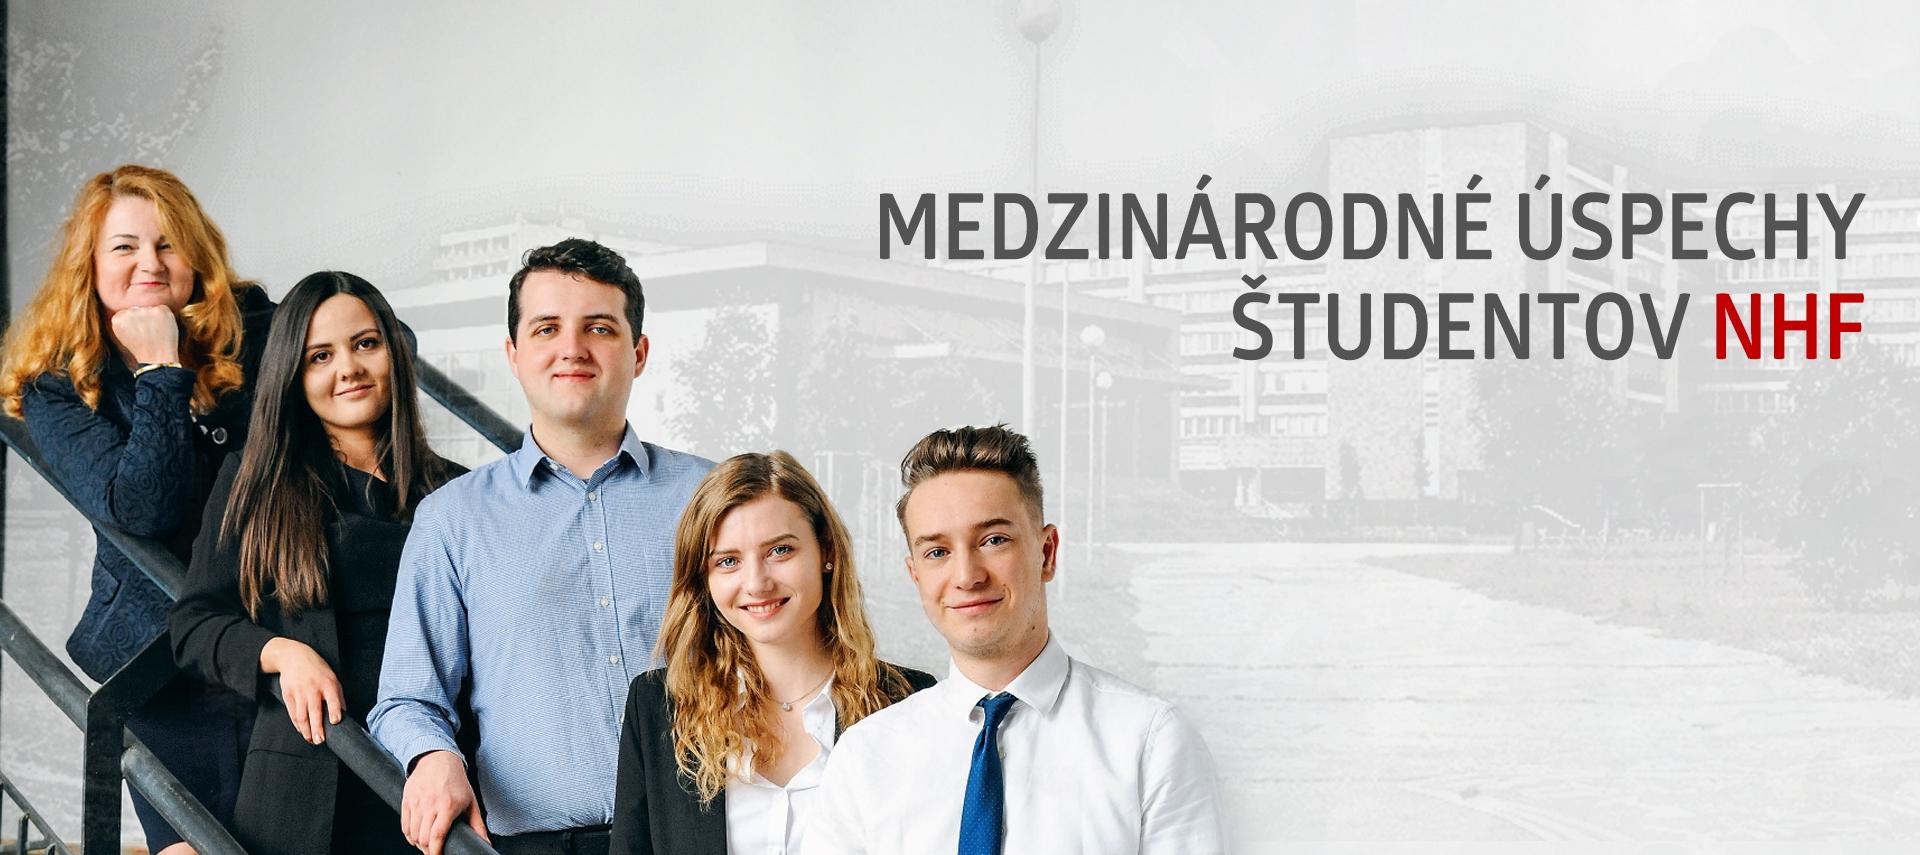 e421a9d586f3 Aktuality - Národohospodárska fakulta Ekonomickej univerzity v Bratislave